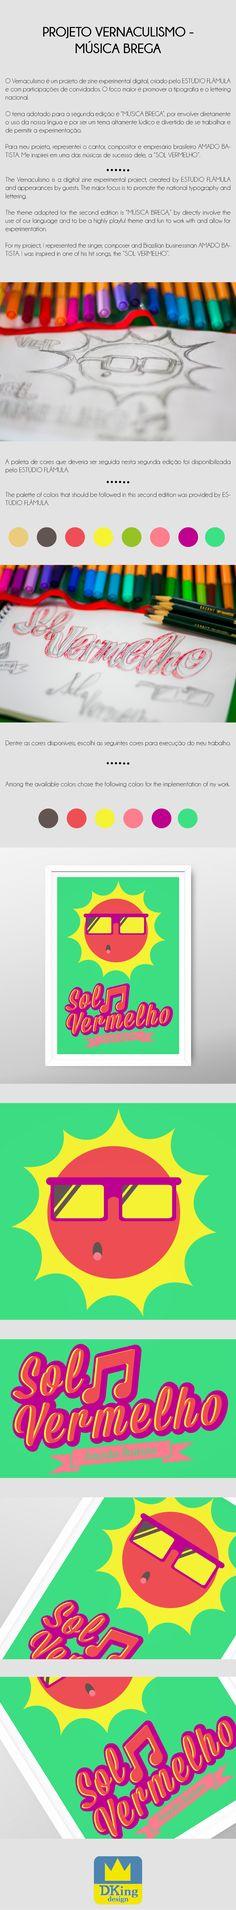 Projeto Vernaculismo | Sol Vermelho - Amado Batista.